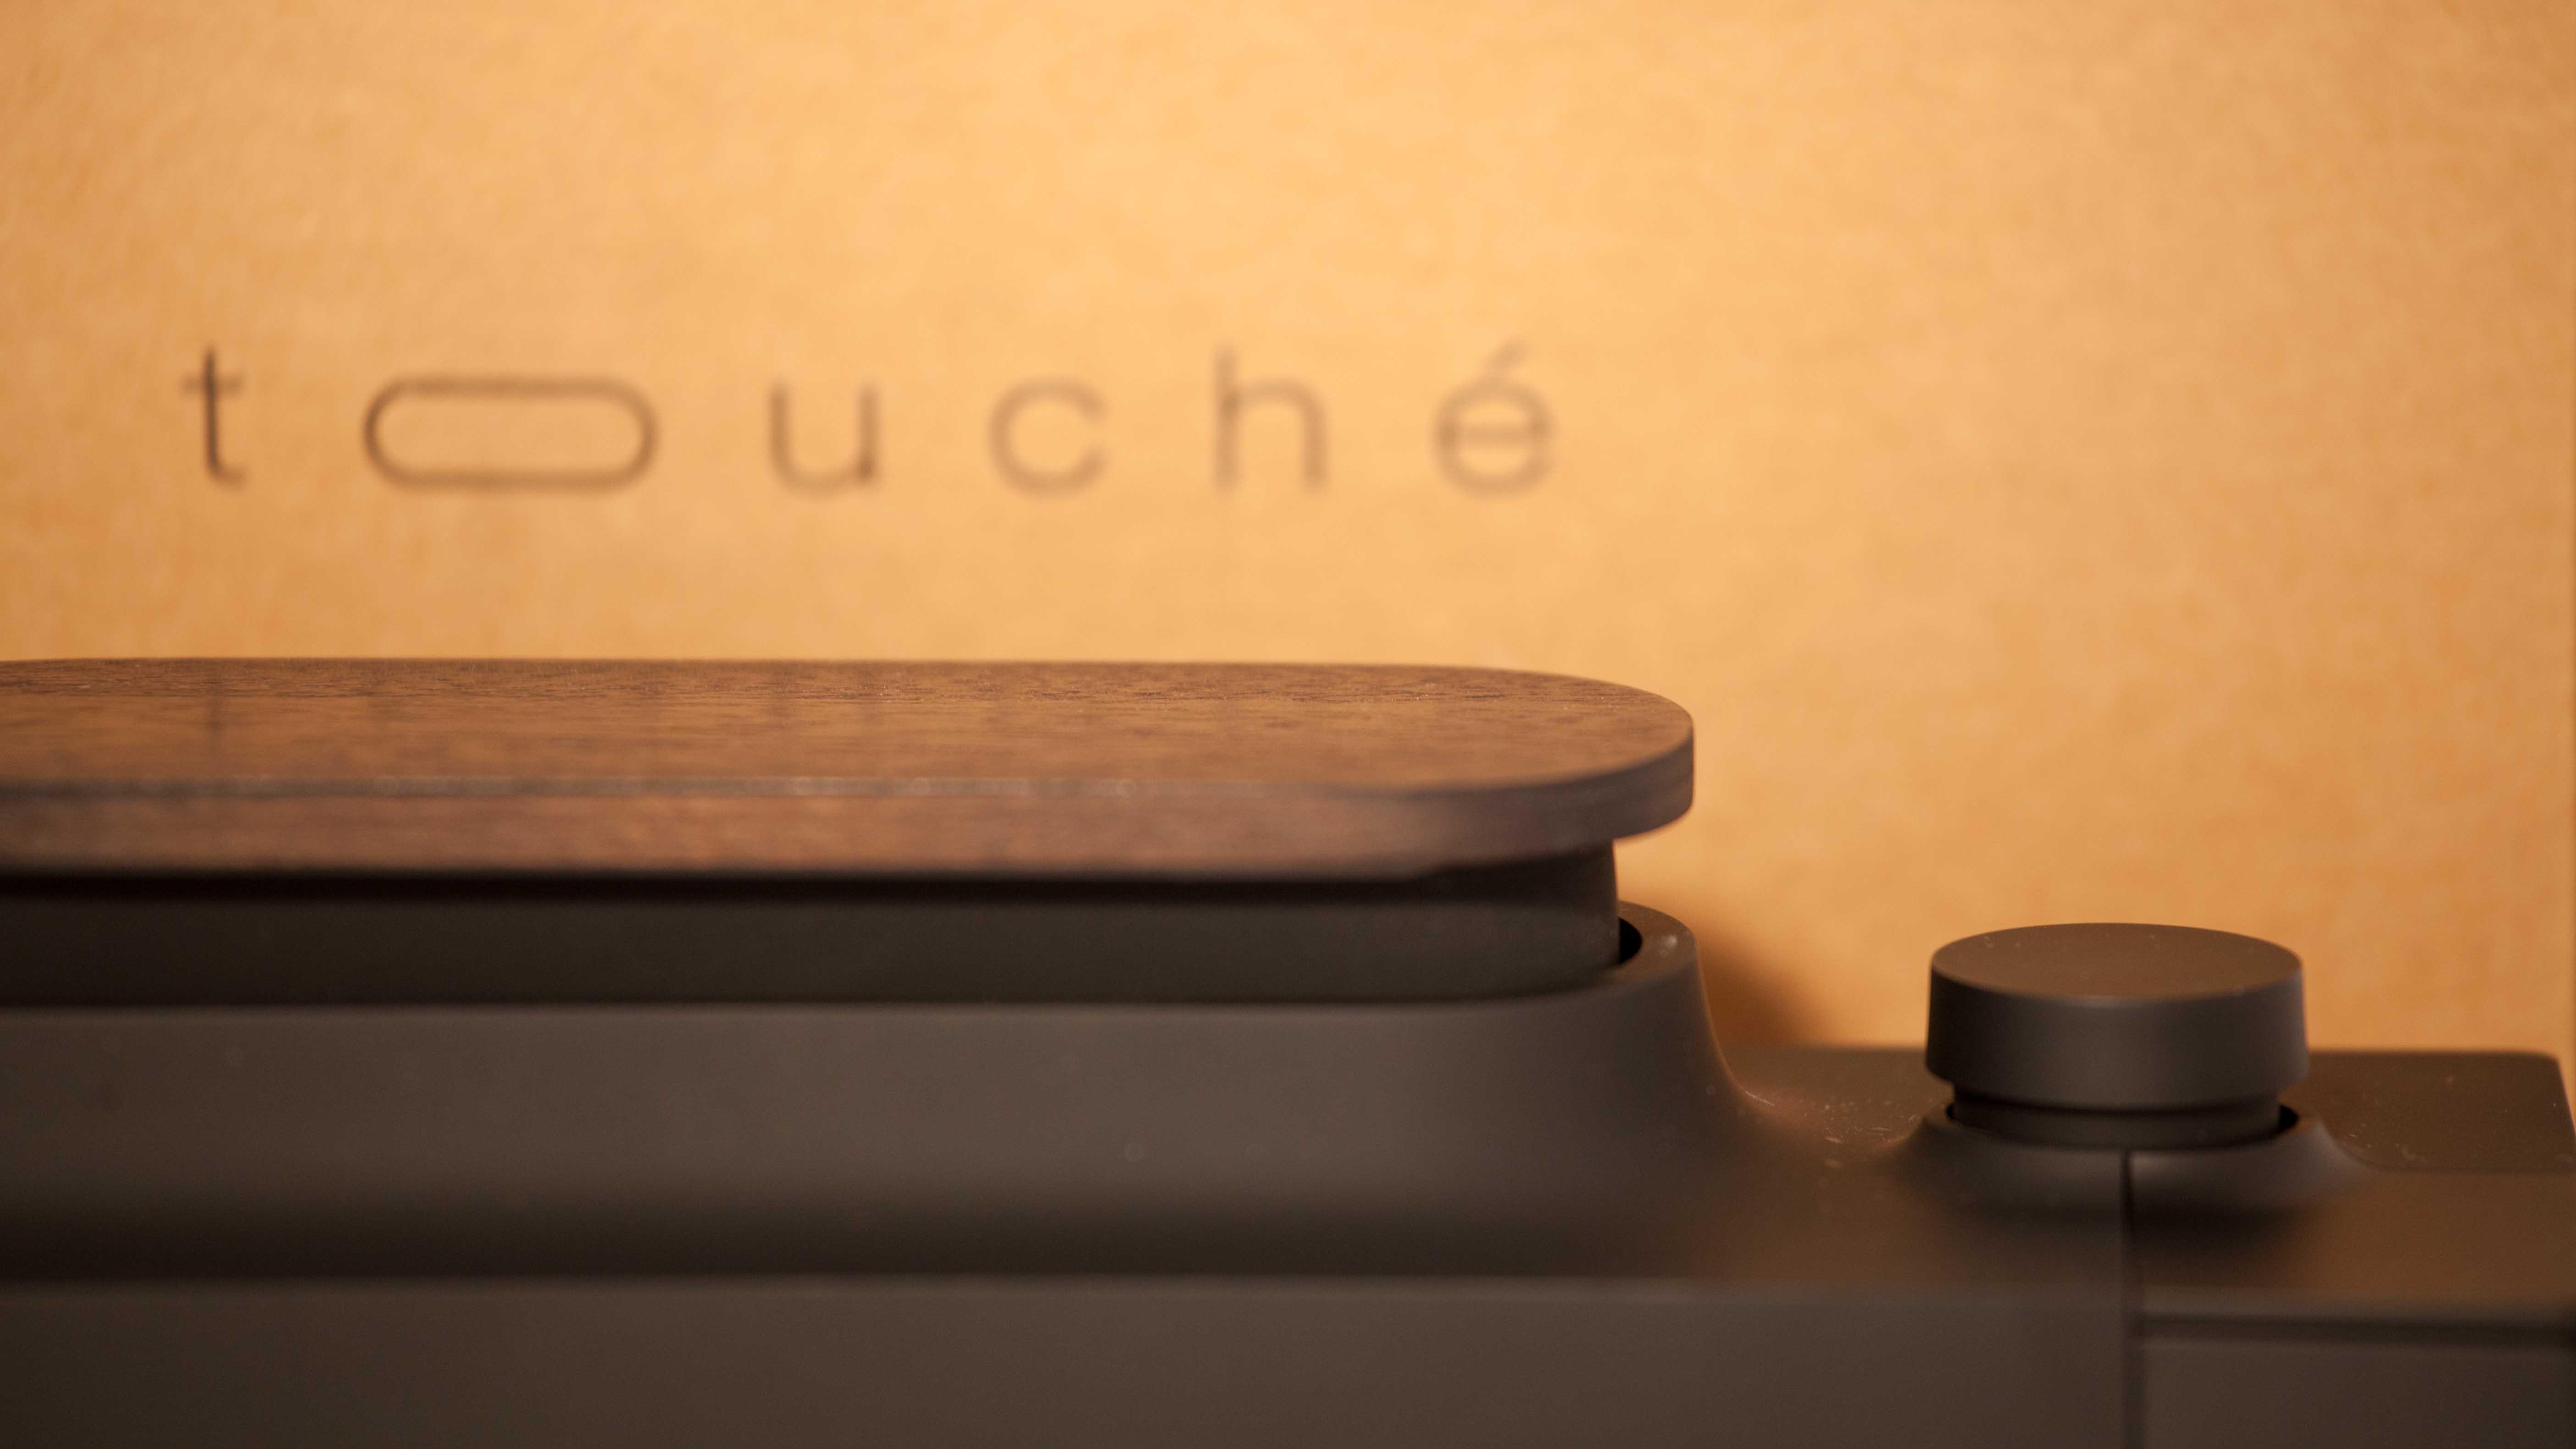 Controller Touché Pic. A.Panella  - Touché - Expressive E - Touch Me.